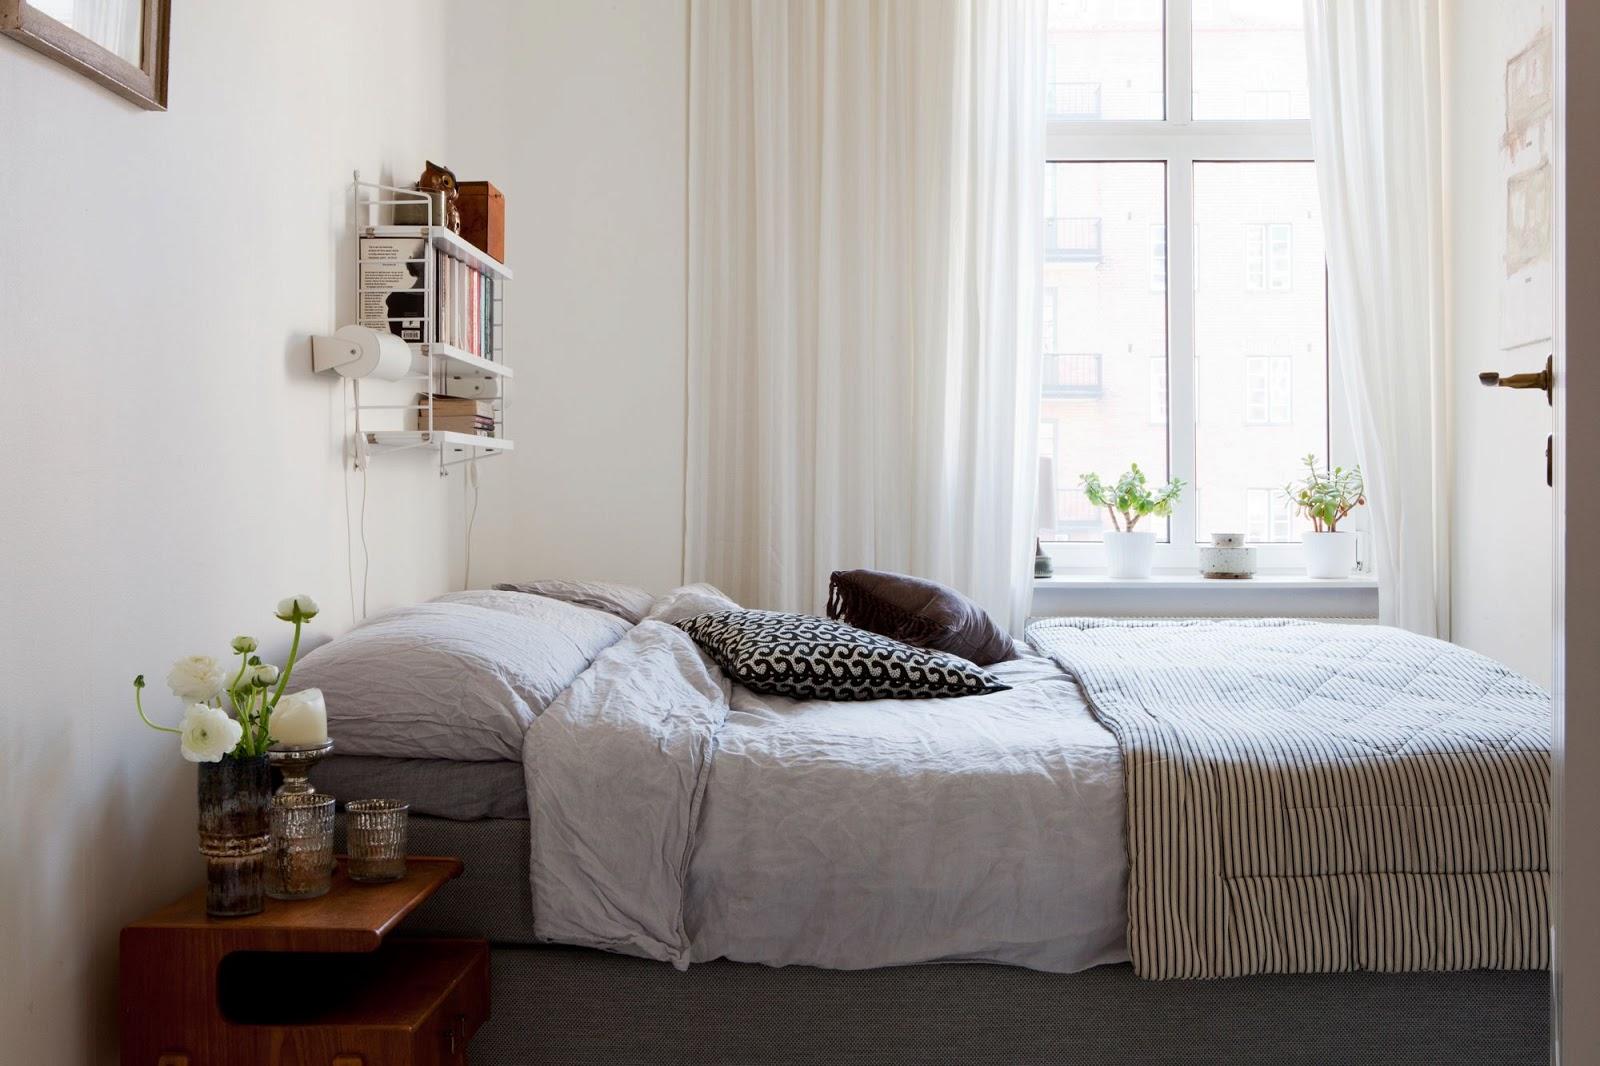 Kreativa kvadrat ab: lördagsinspiration! lägenhet via bolaget och ...